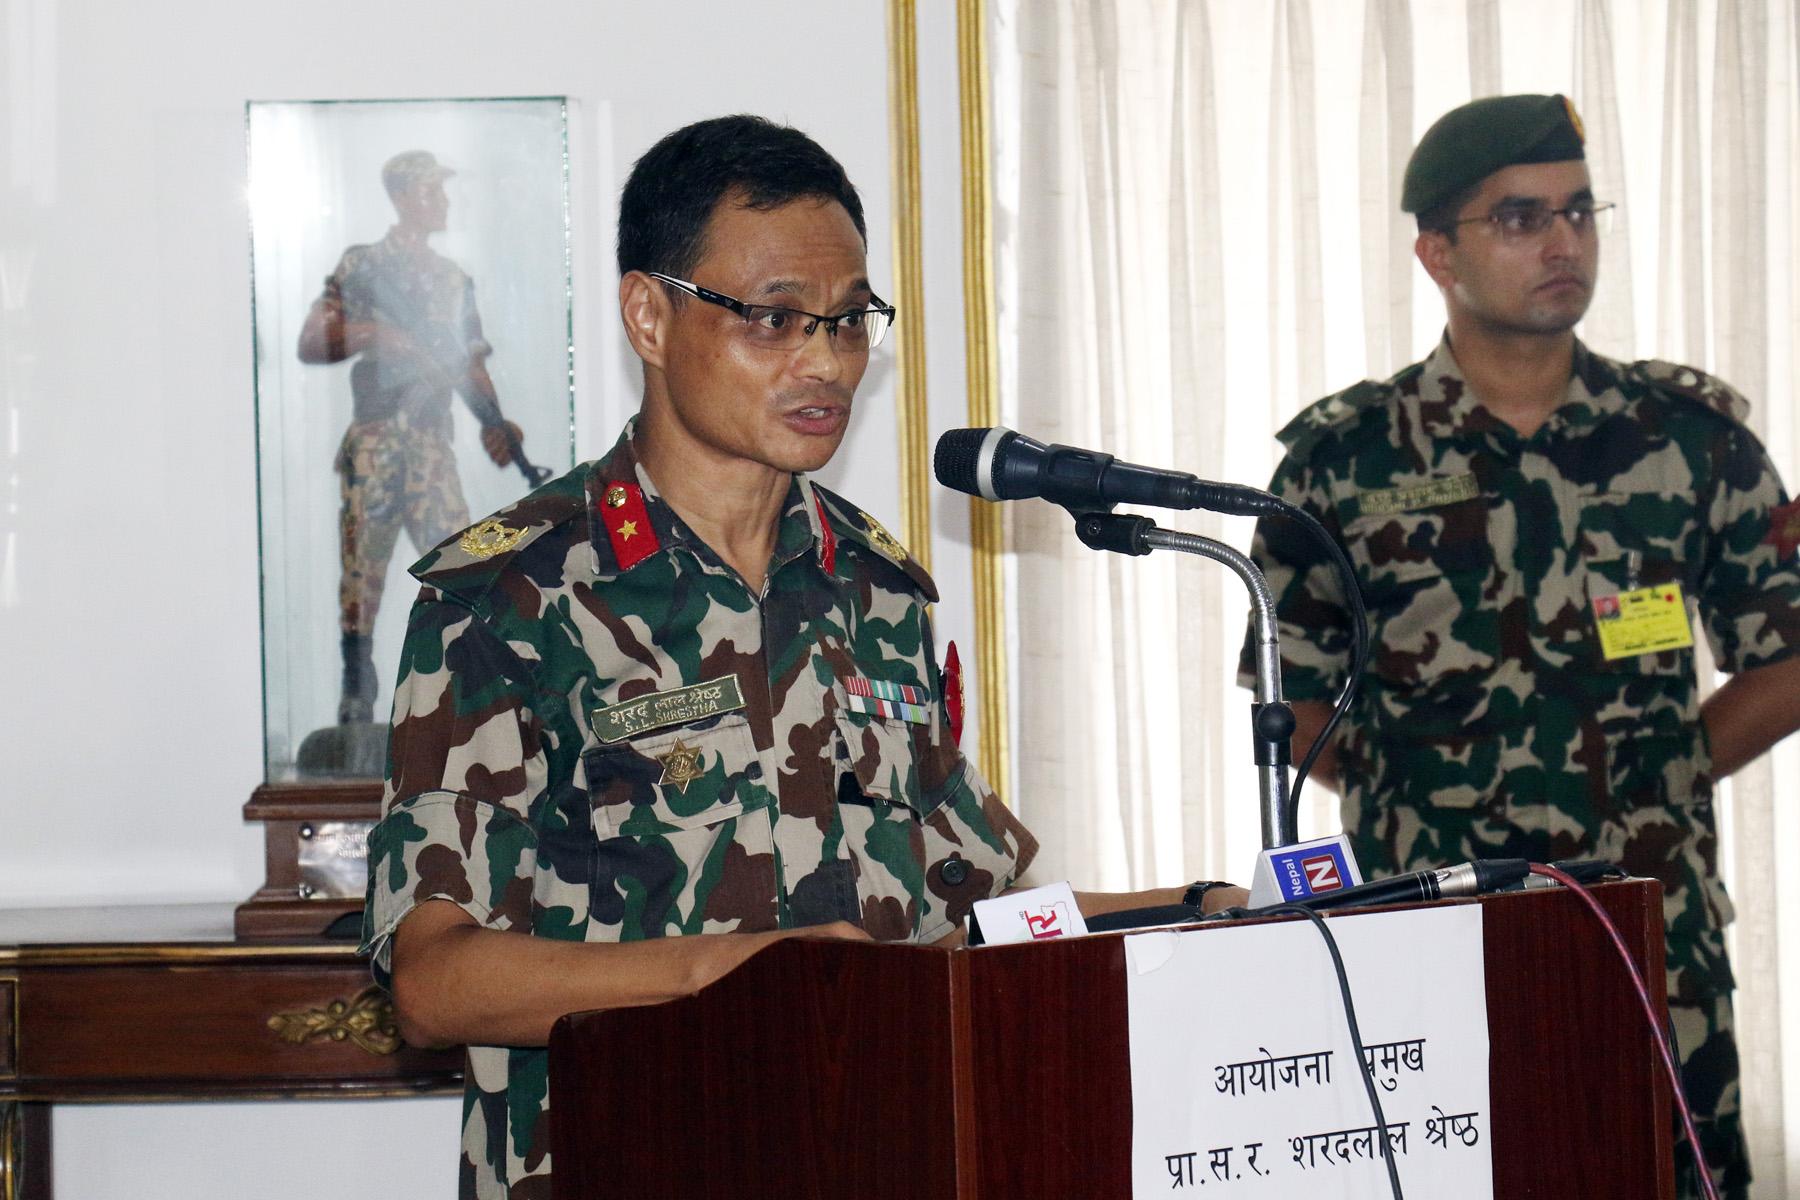 अब आयोजना अघि बढाउन कुनै बाधा अड्चन छैन– नेपाली सेना